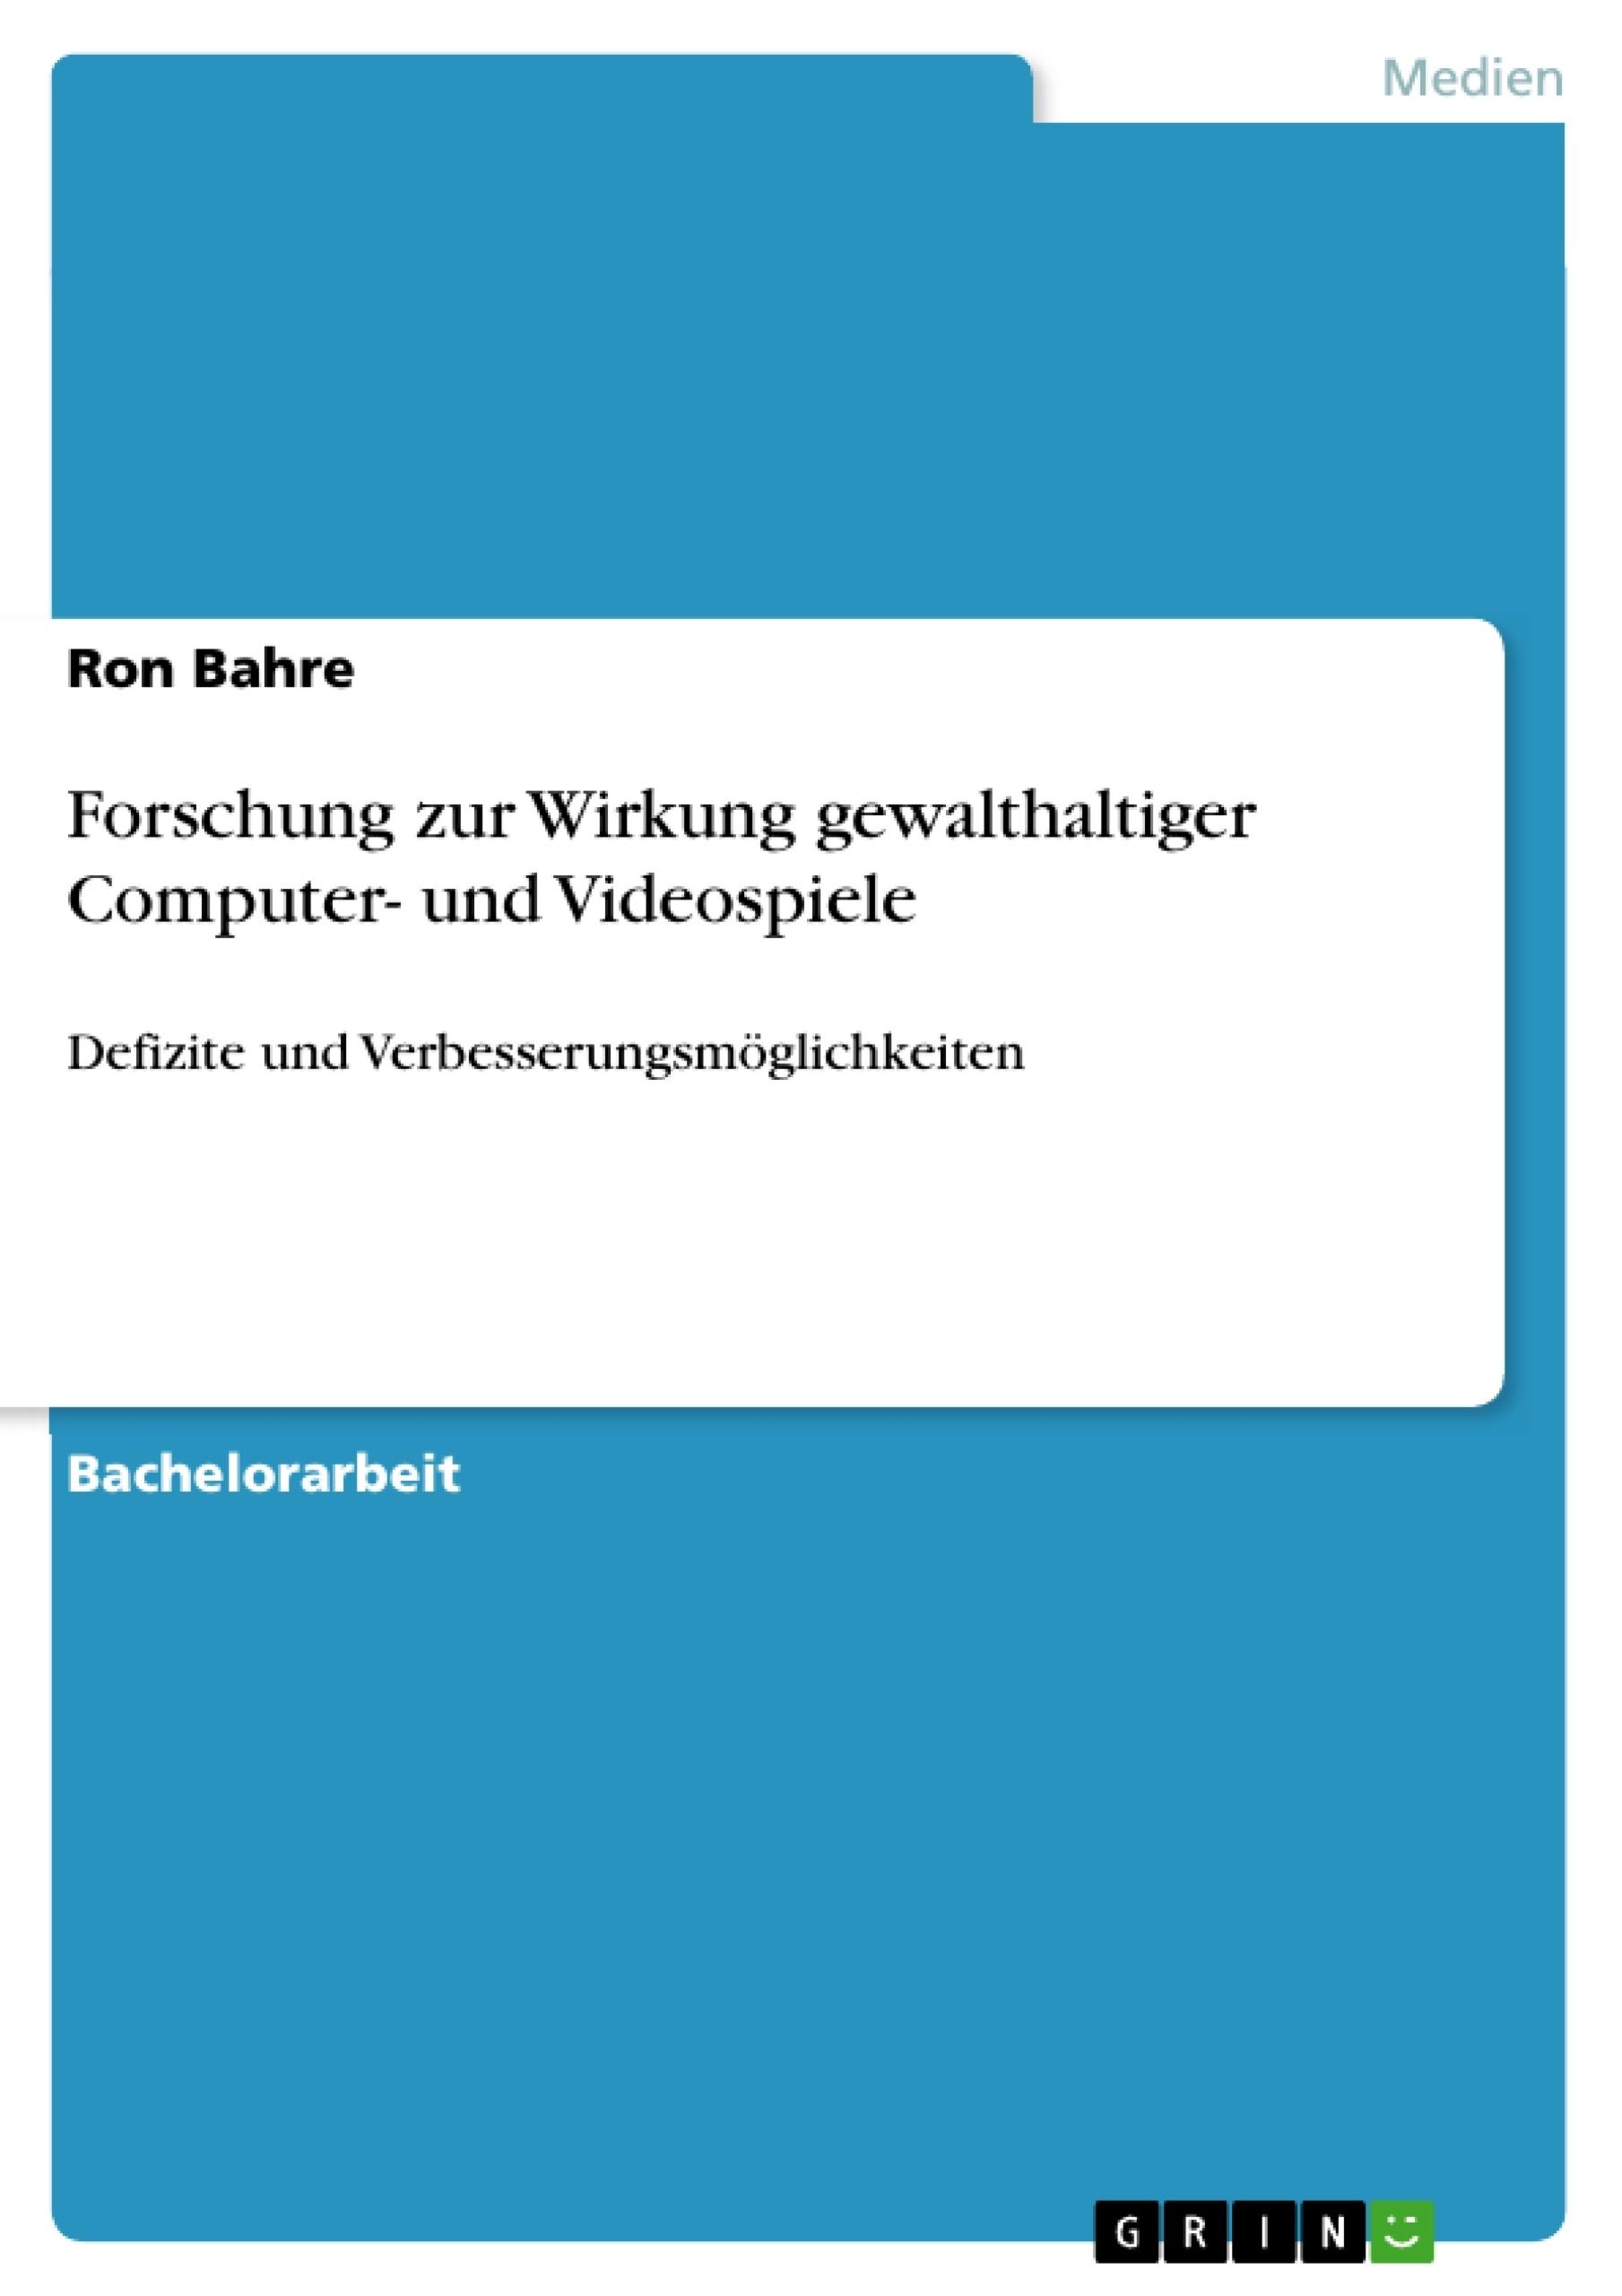 Titel: Forschung zur Wirkung gewalthaltiger Computer- und Videospiele